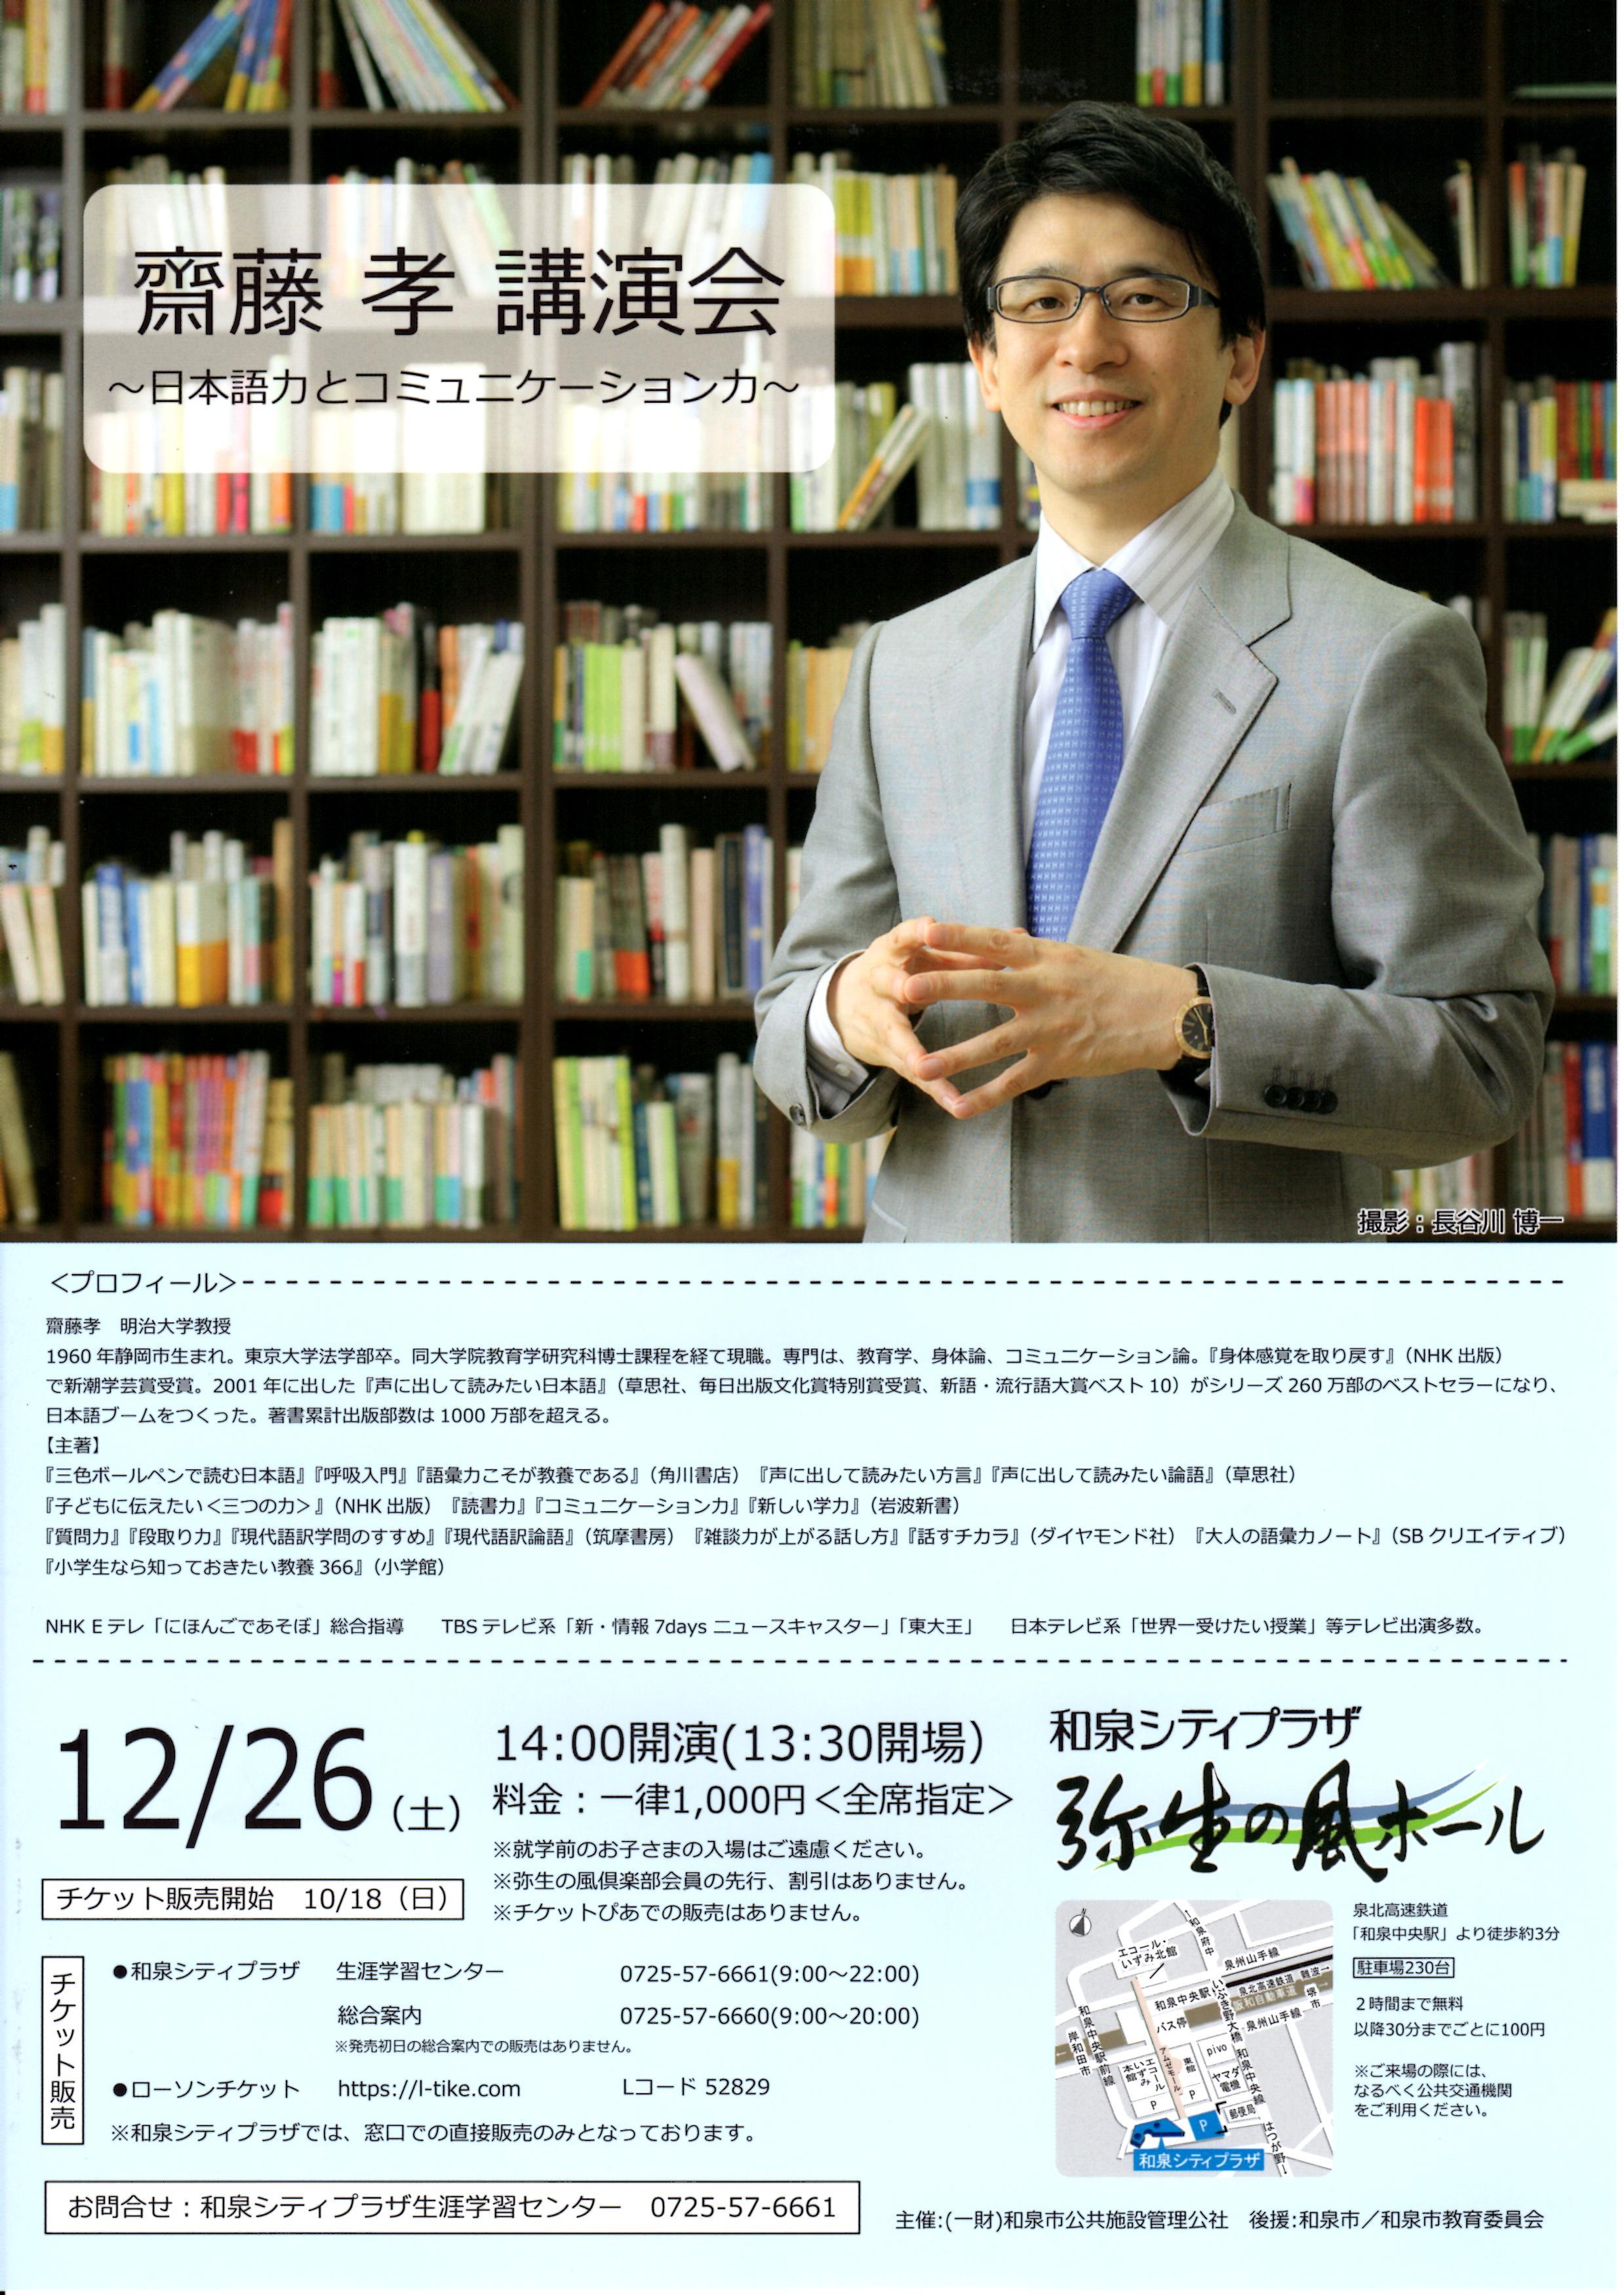 【終了】2020年12月26日(土)齋藤 孝 講演会 ~日本語力とコミュニケーション力~